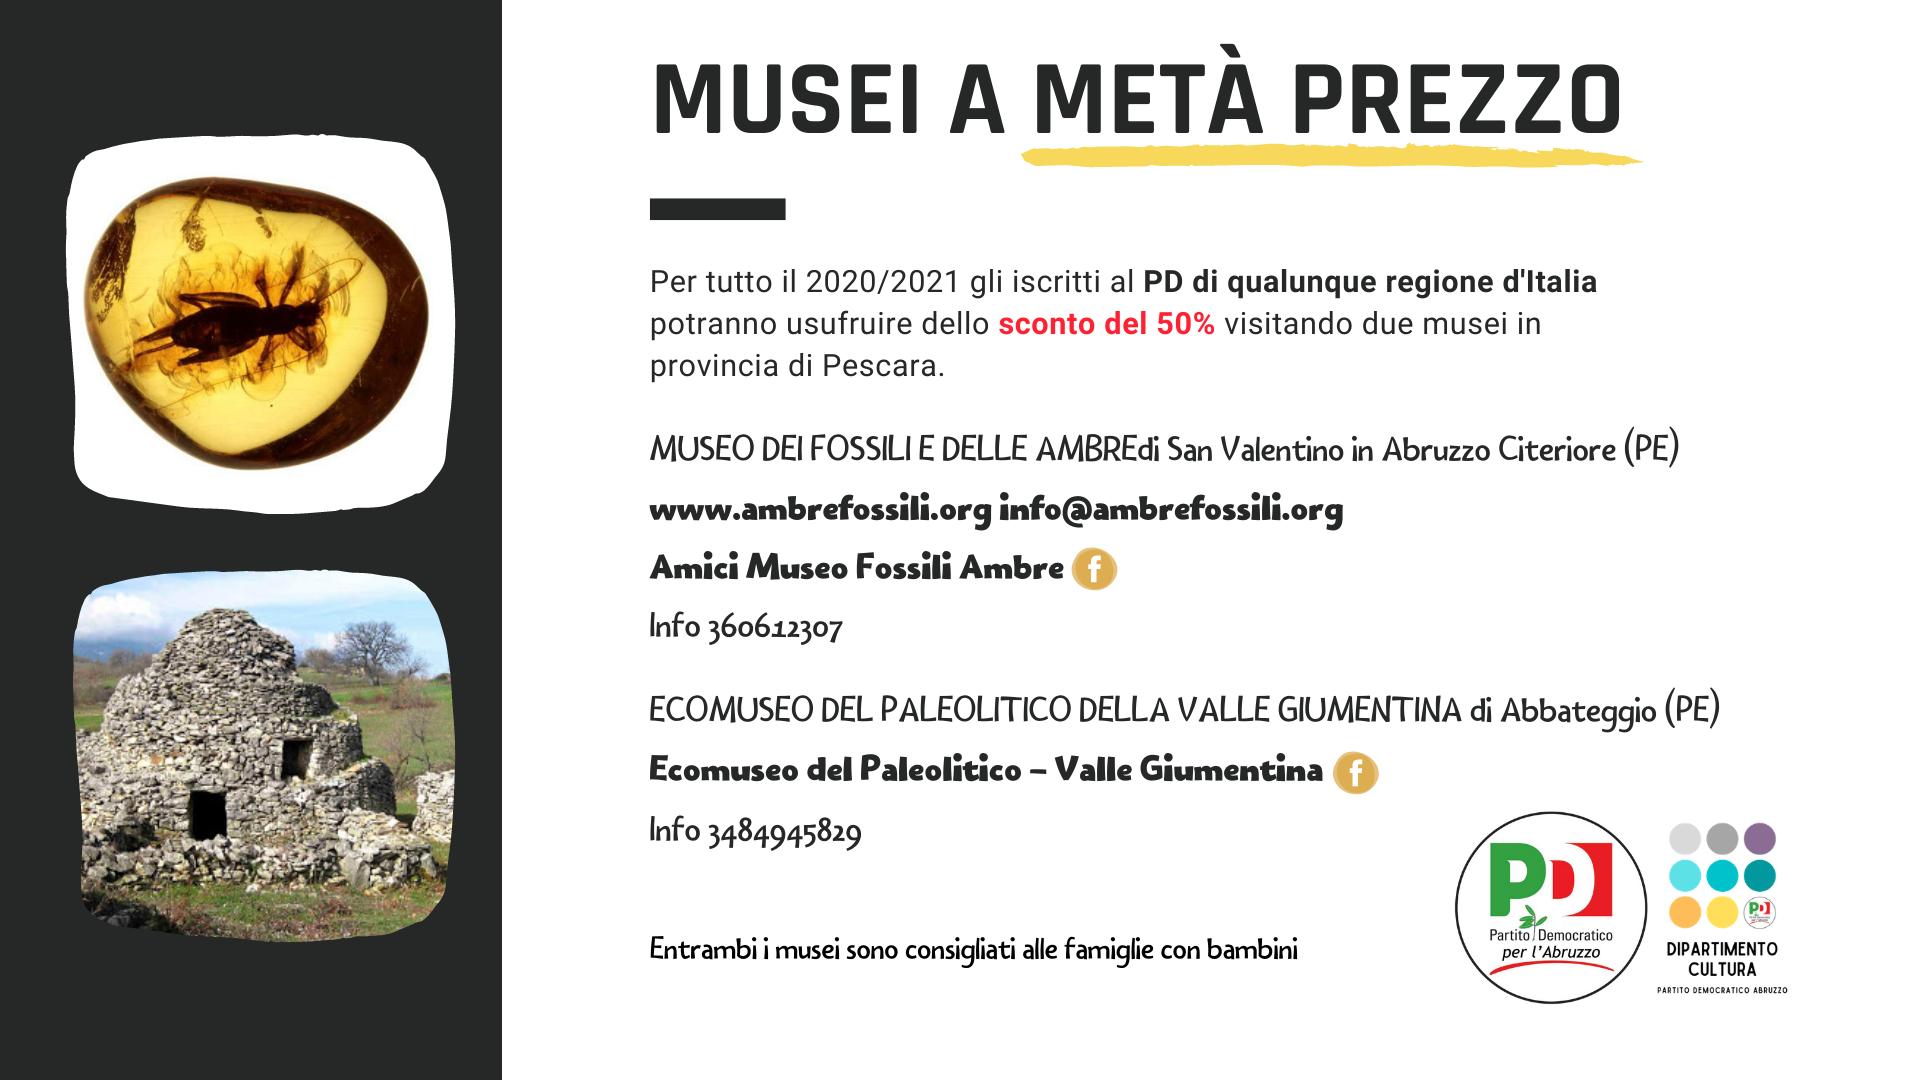 Musei e Studio, continuano le convenzioni del Dipartimento Cultura del PD Abruzzo